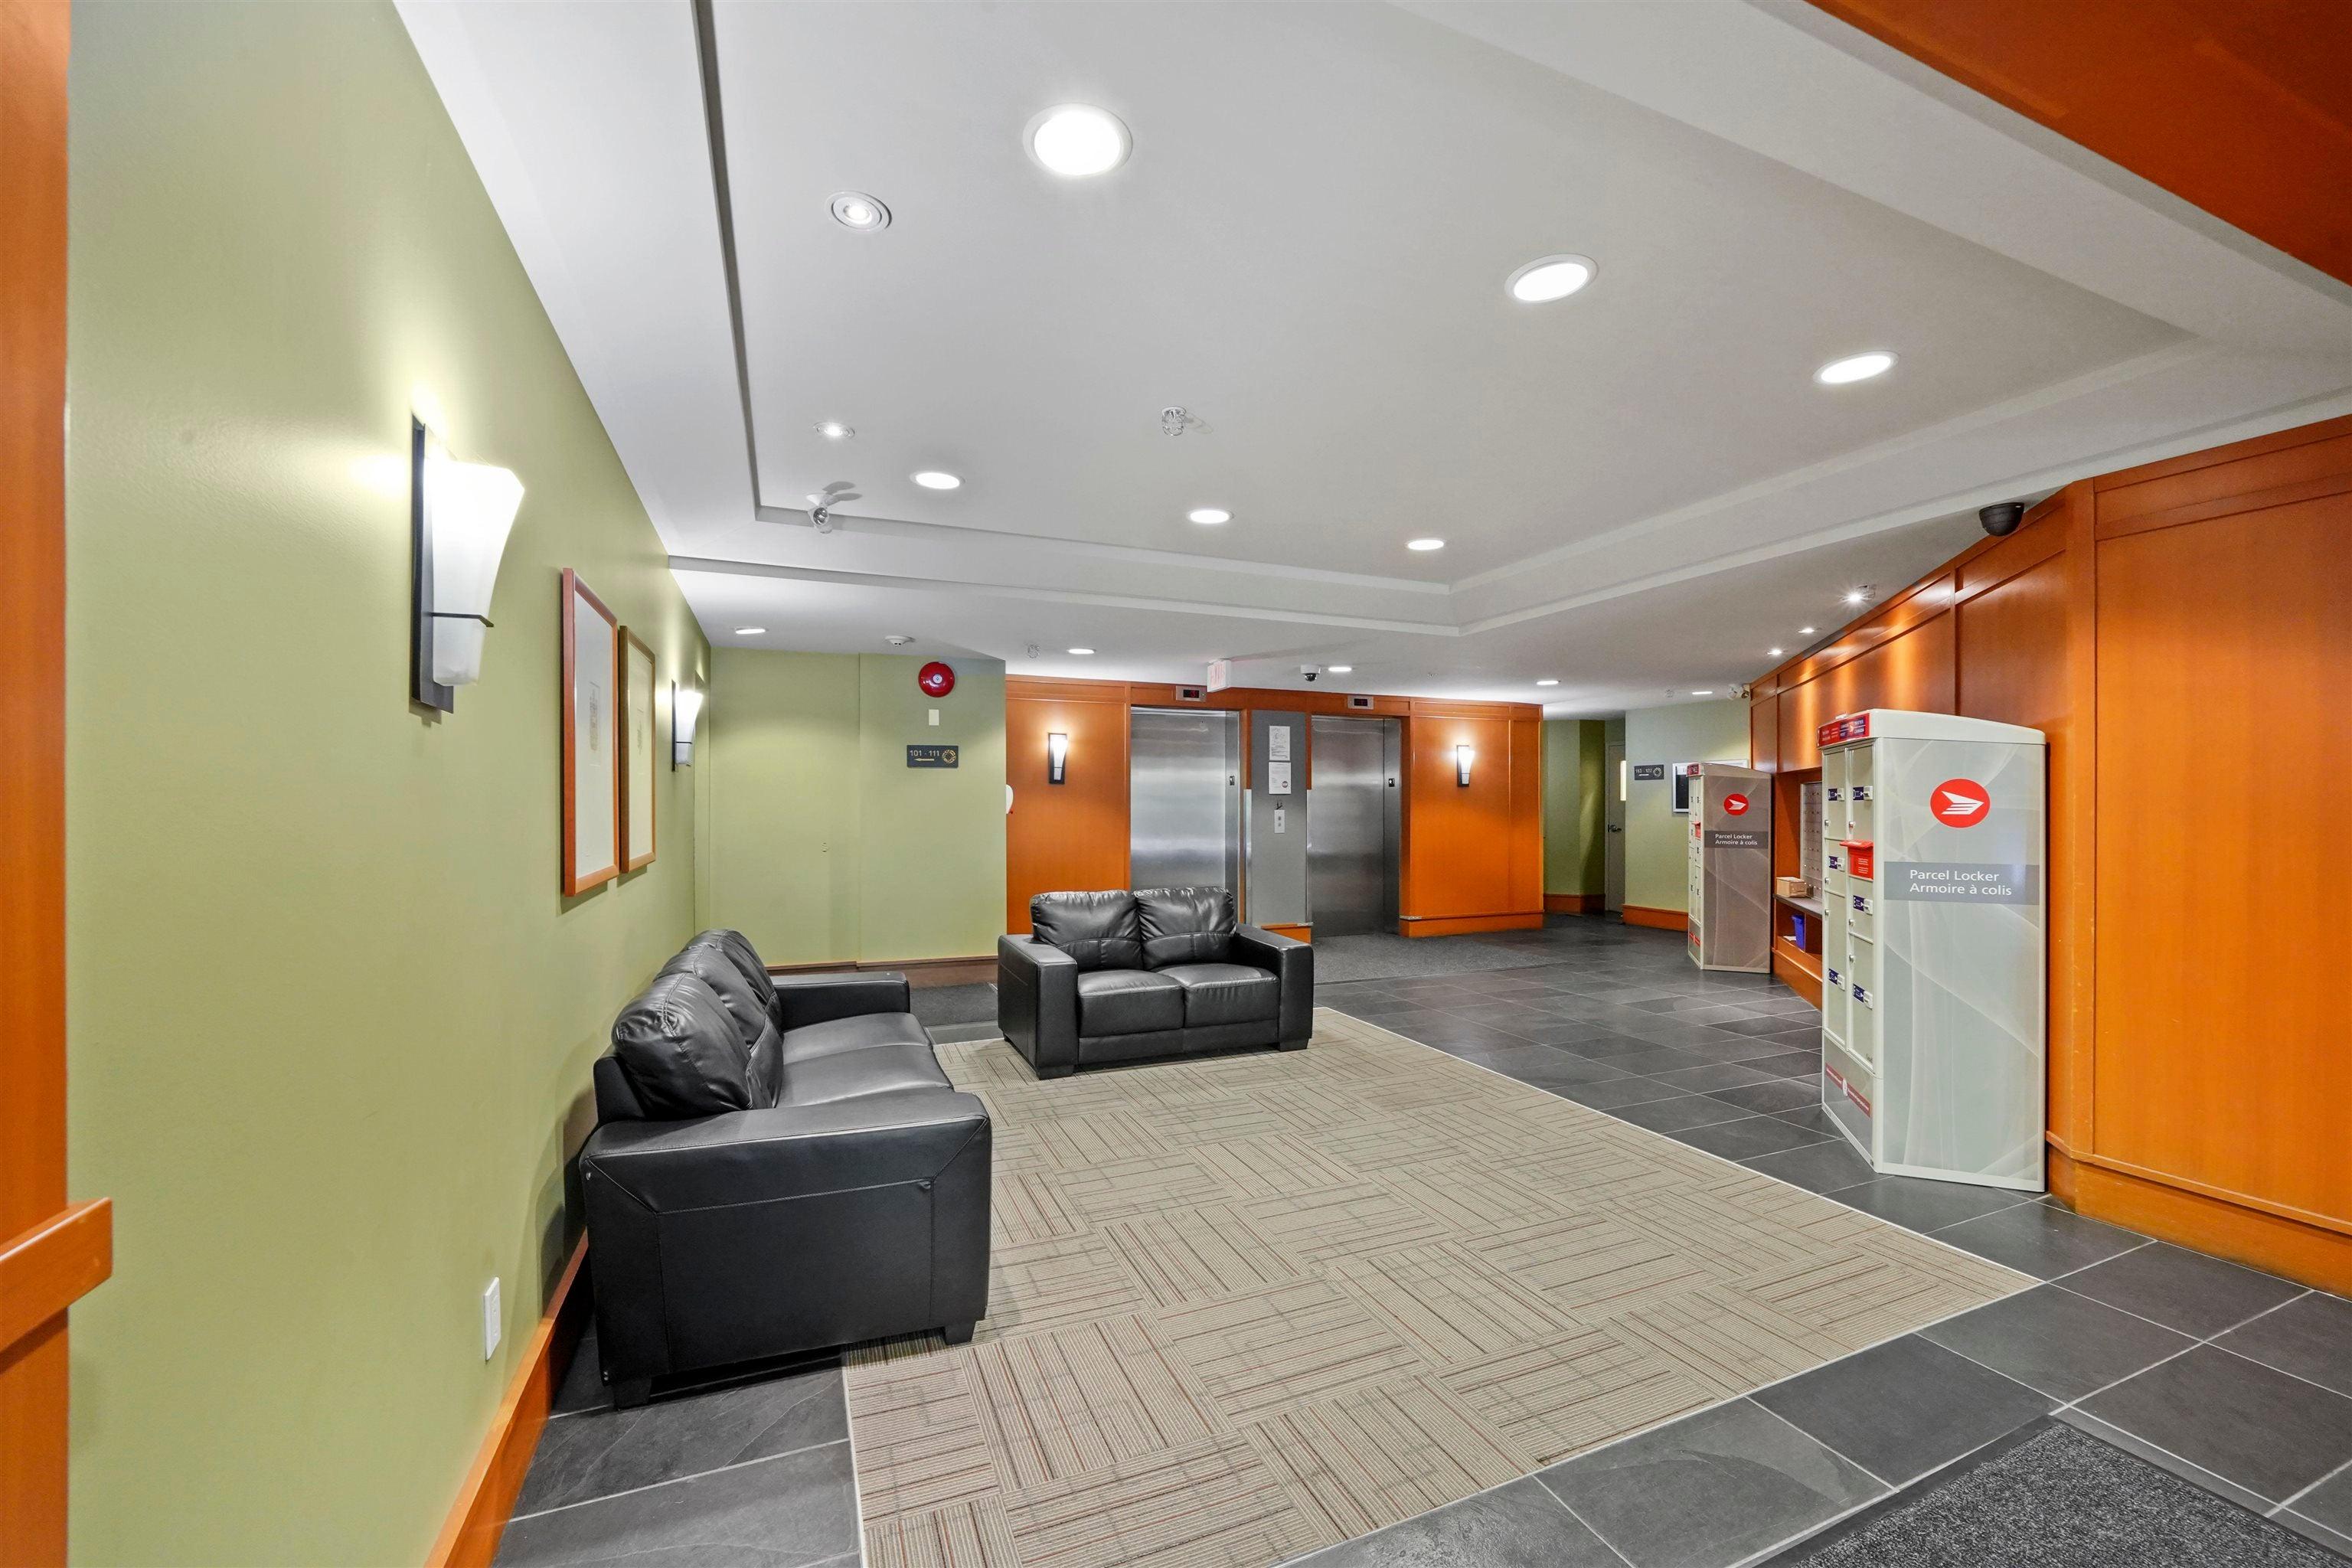 319 1633 MACKAY AVENUE - Pemberton NV Apartment/Condo for sale, 2 Bedrooms (R2624916) - #28